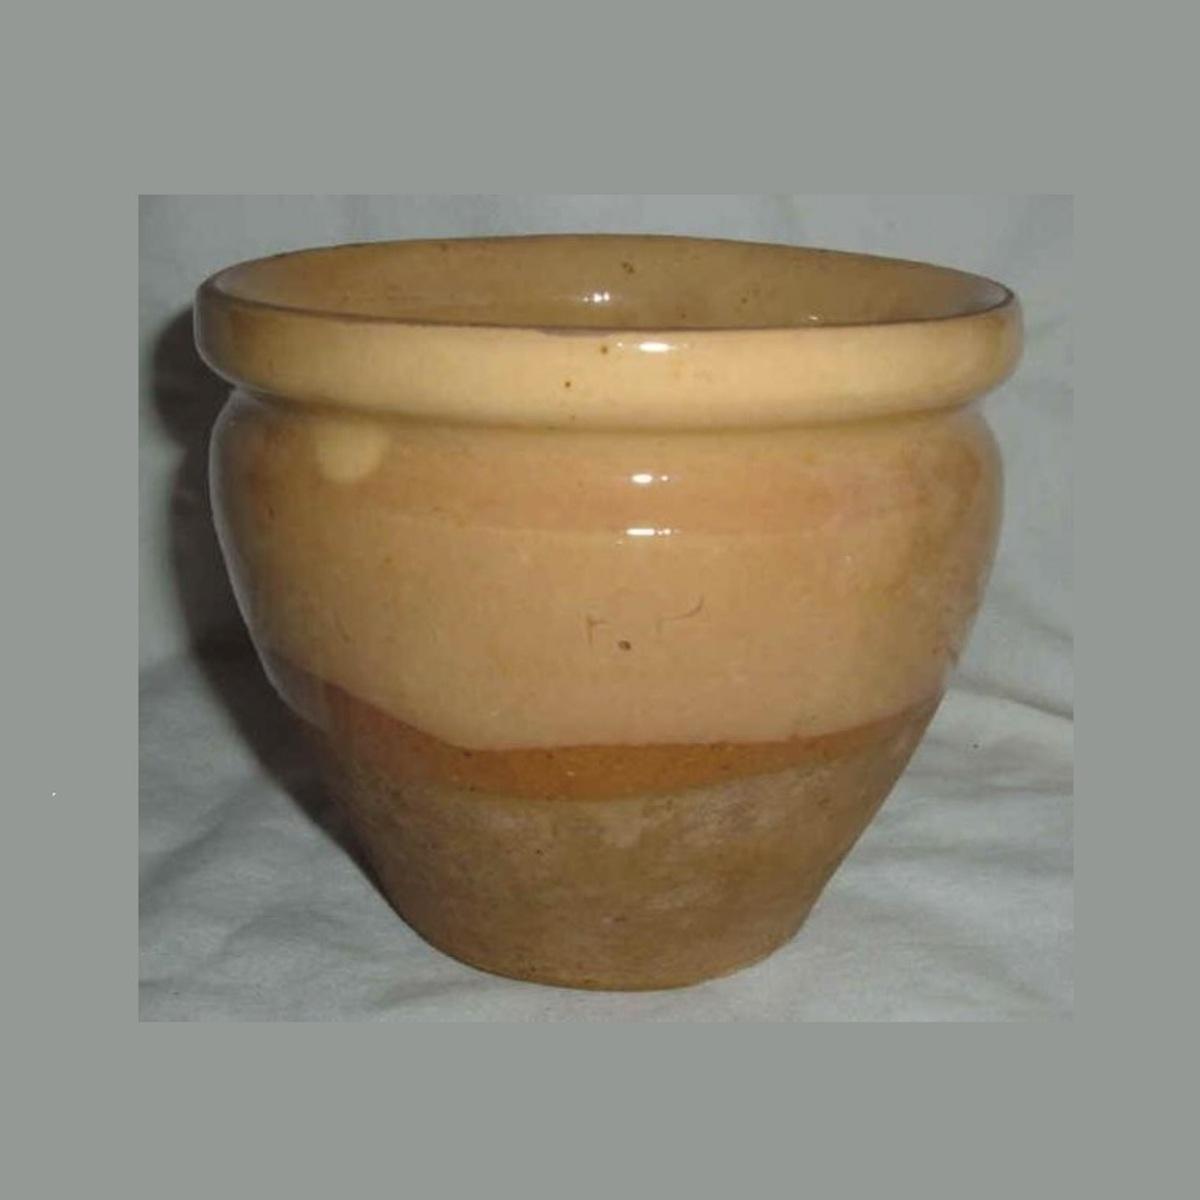 Ancien pot a confiture conique en gres vernisse jaune paille et gres brut ht 11cm 1